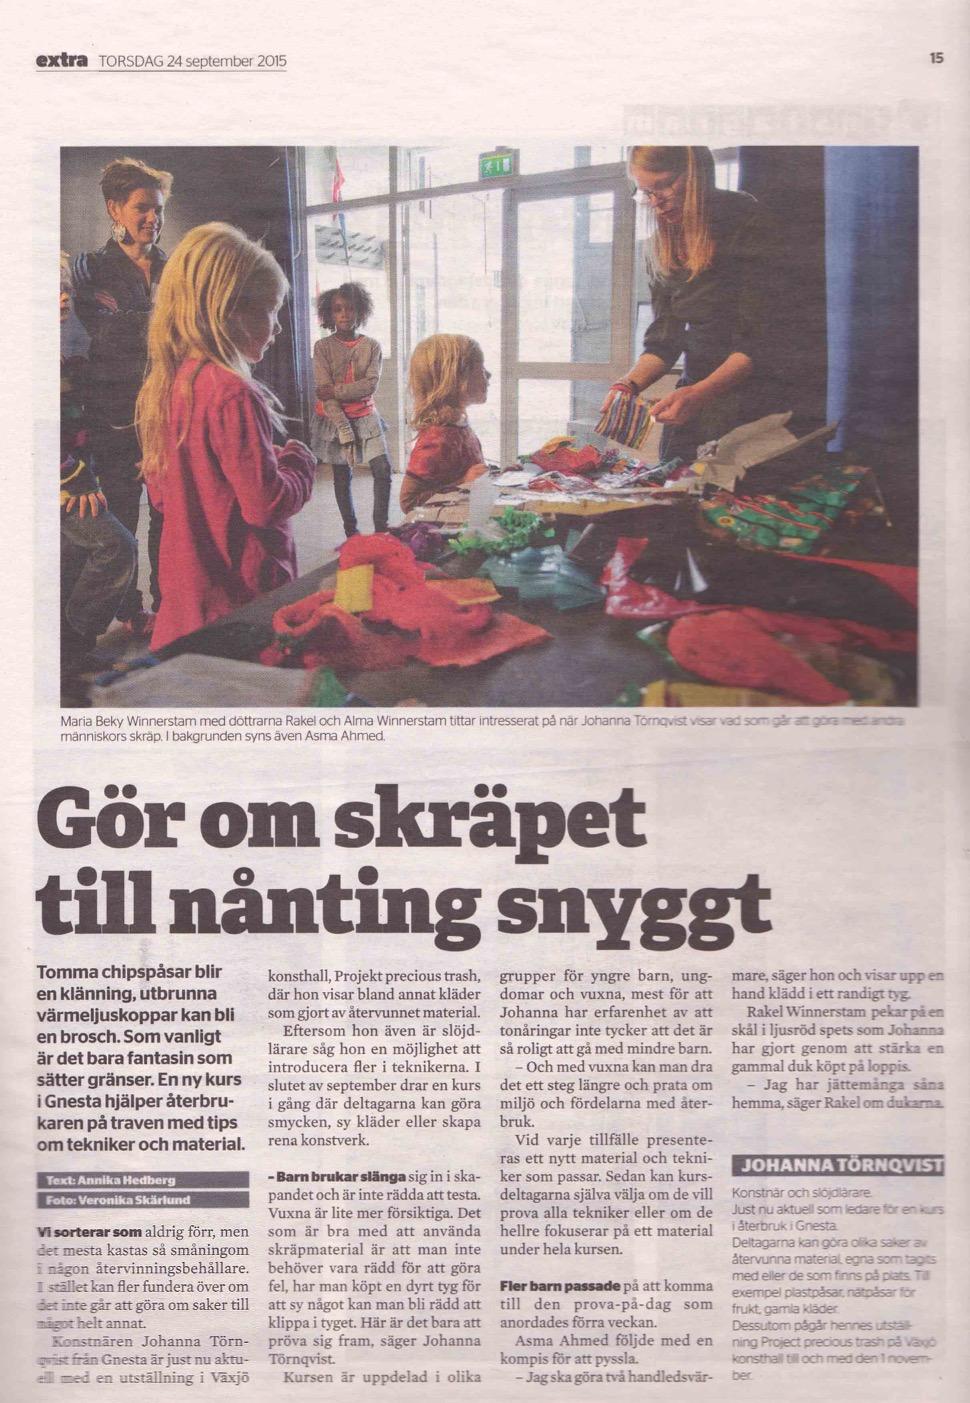 Sörmlands nyheter: Gör om skräpet till något snyggt